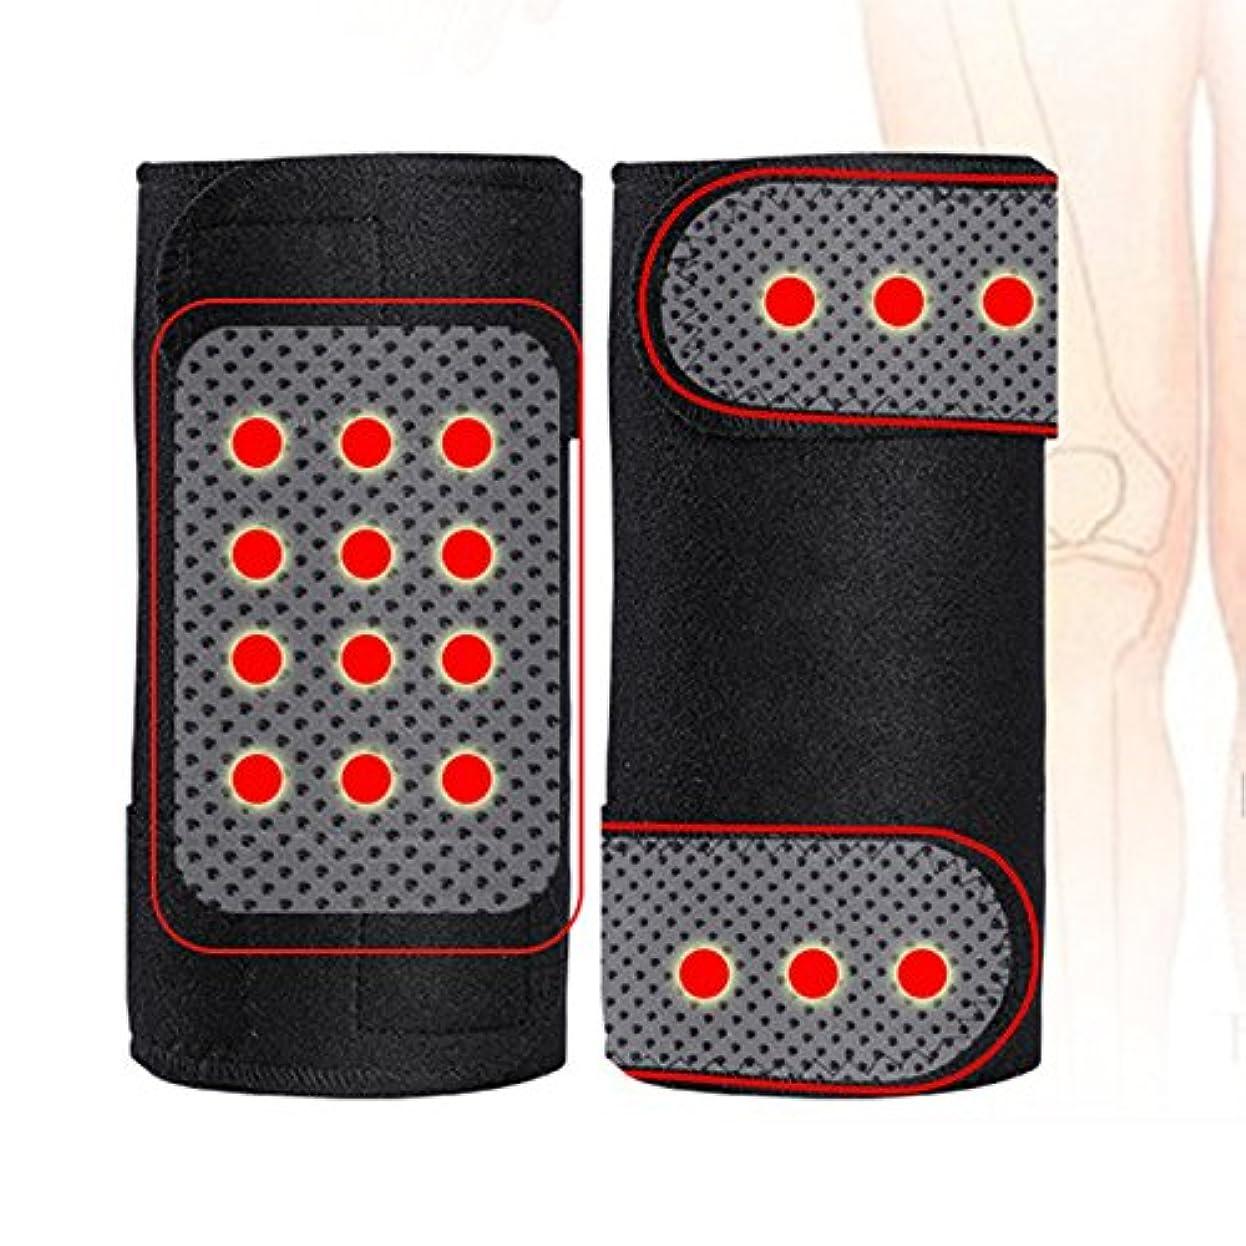 ストリップ雑草気楽なRabugoo 1ペアの磁気療法膝レギンスブレースウォームサポート膝パッド調節可能な膝マッサージヘルスケア